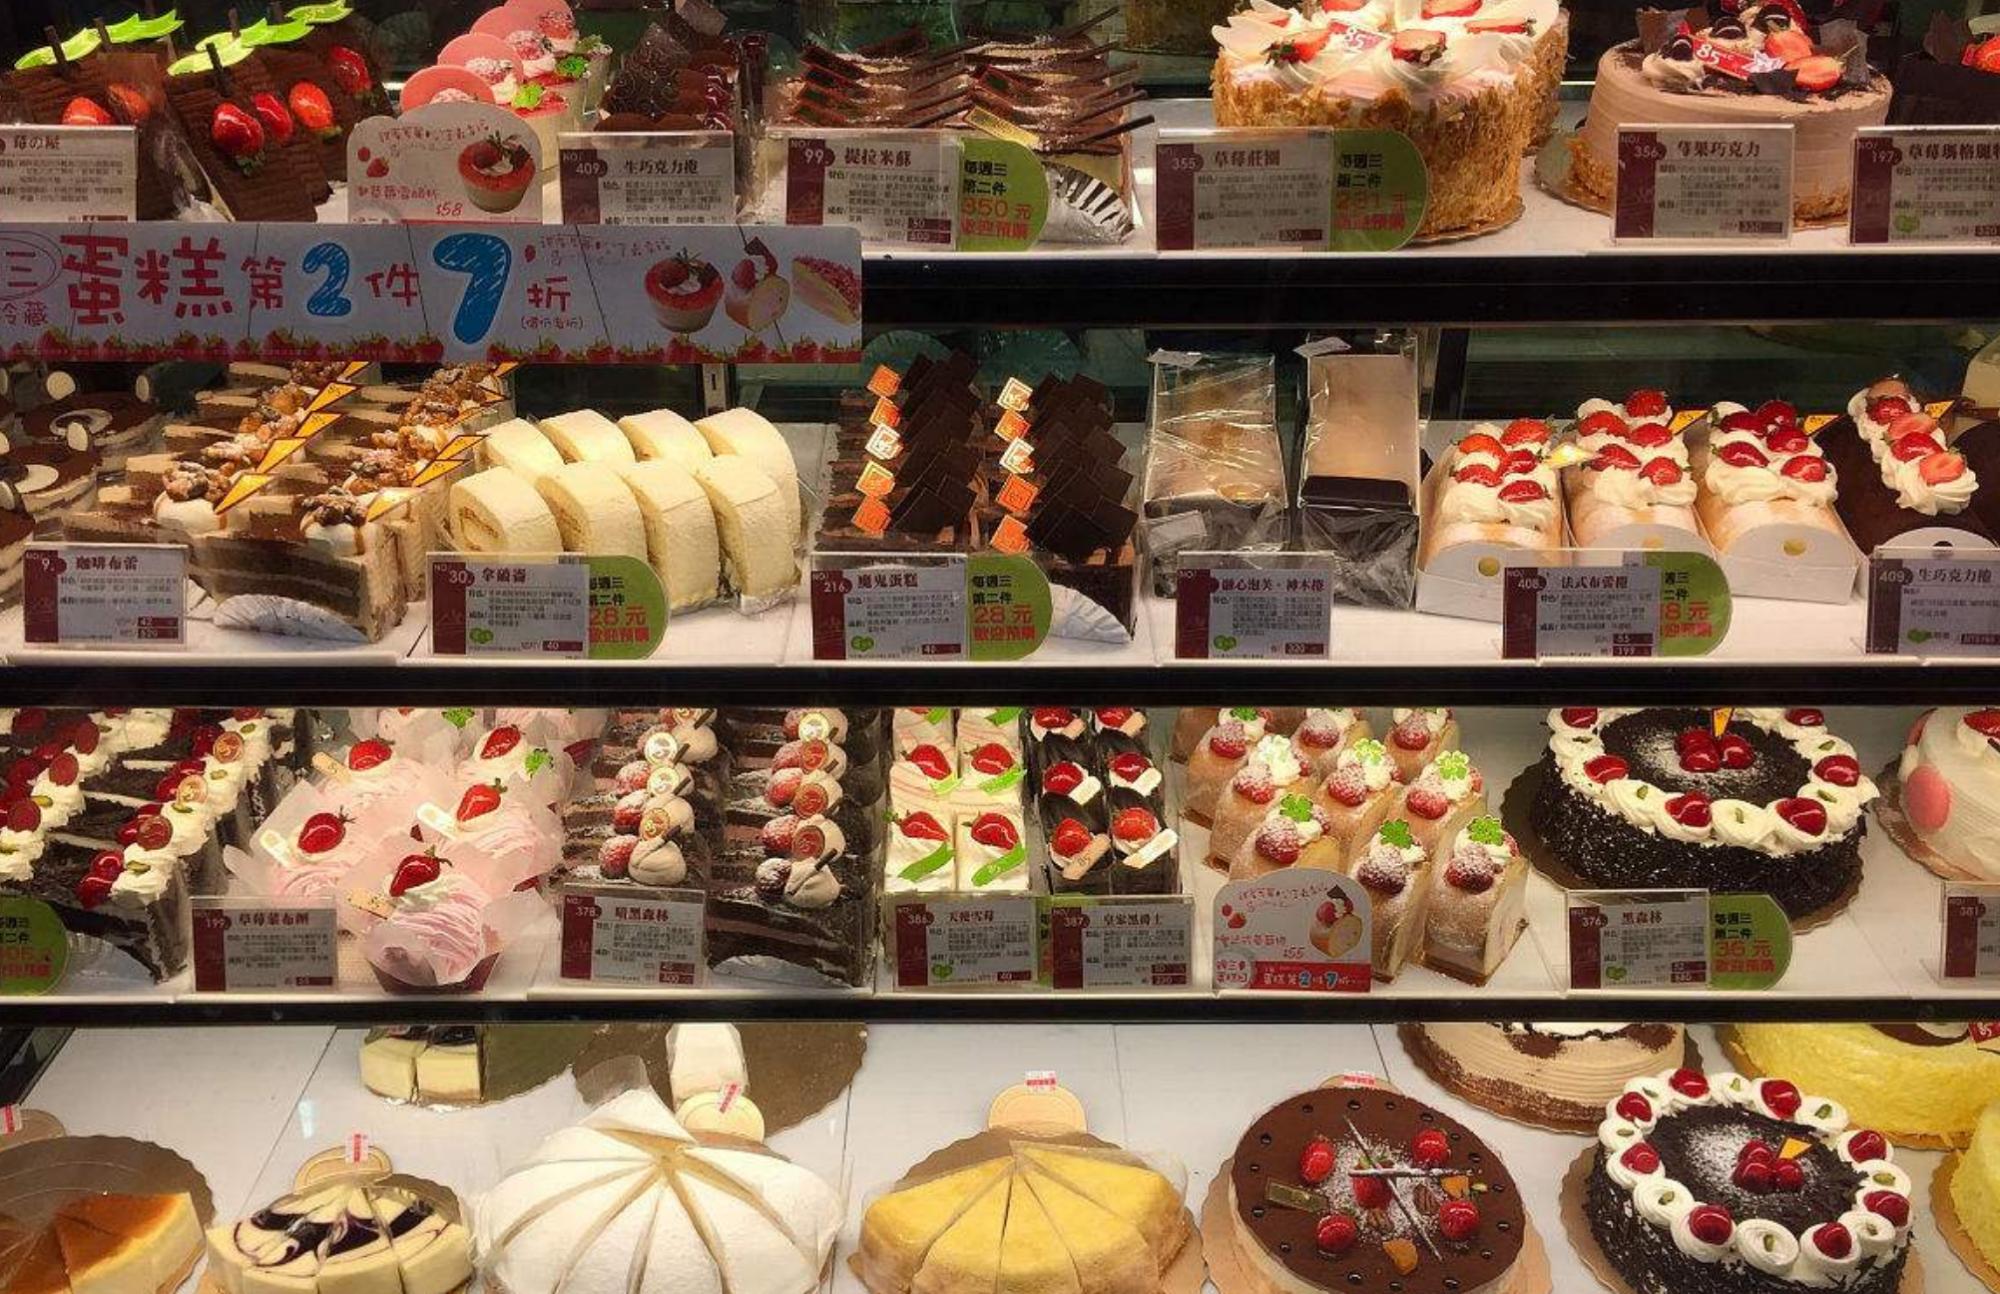 蛋糕店异业联盟方案;通过充10元送50元,会员增长5000多名